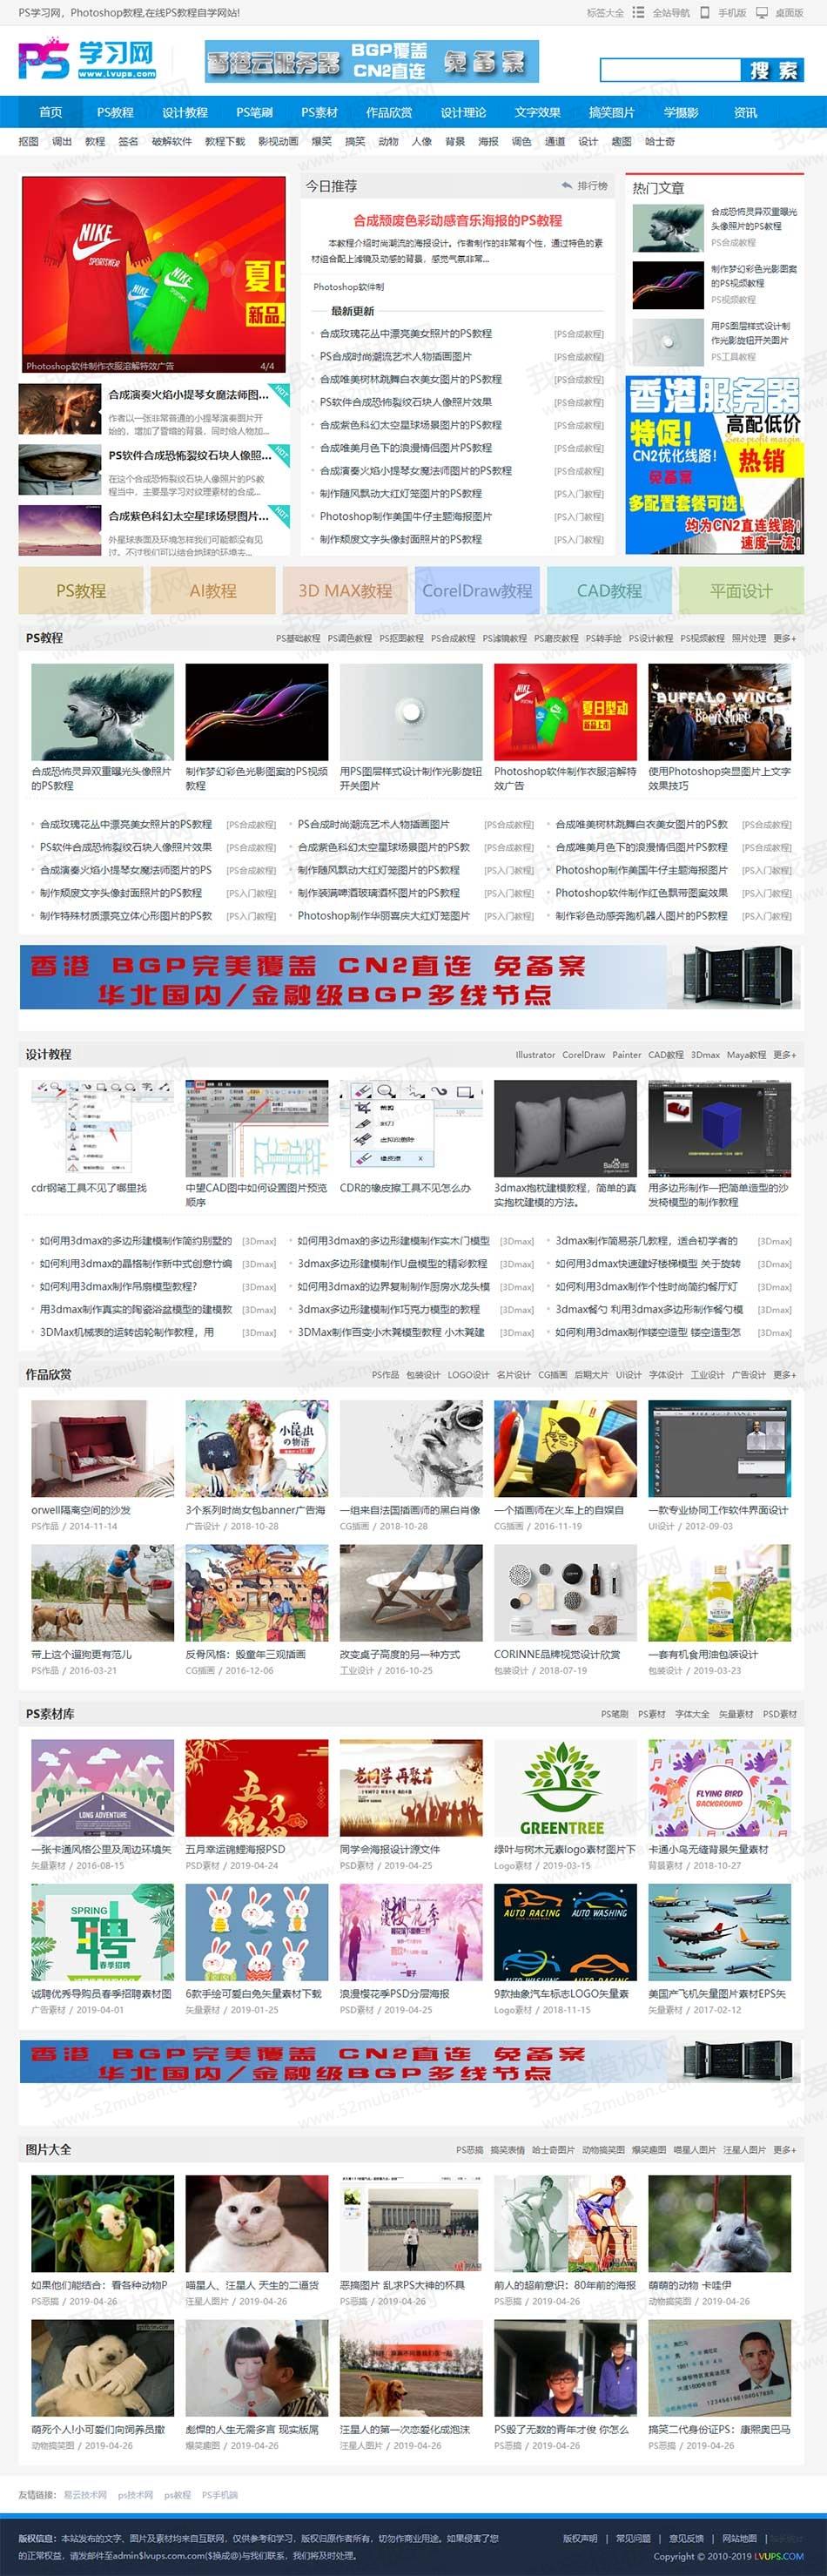 大气蓝色PS教程模板 教程资源分享网站模板+WAP手机端